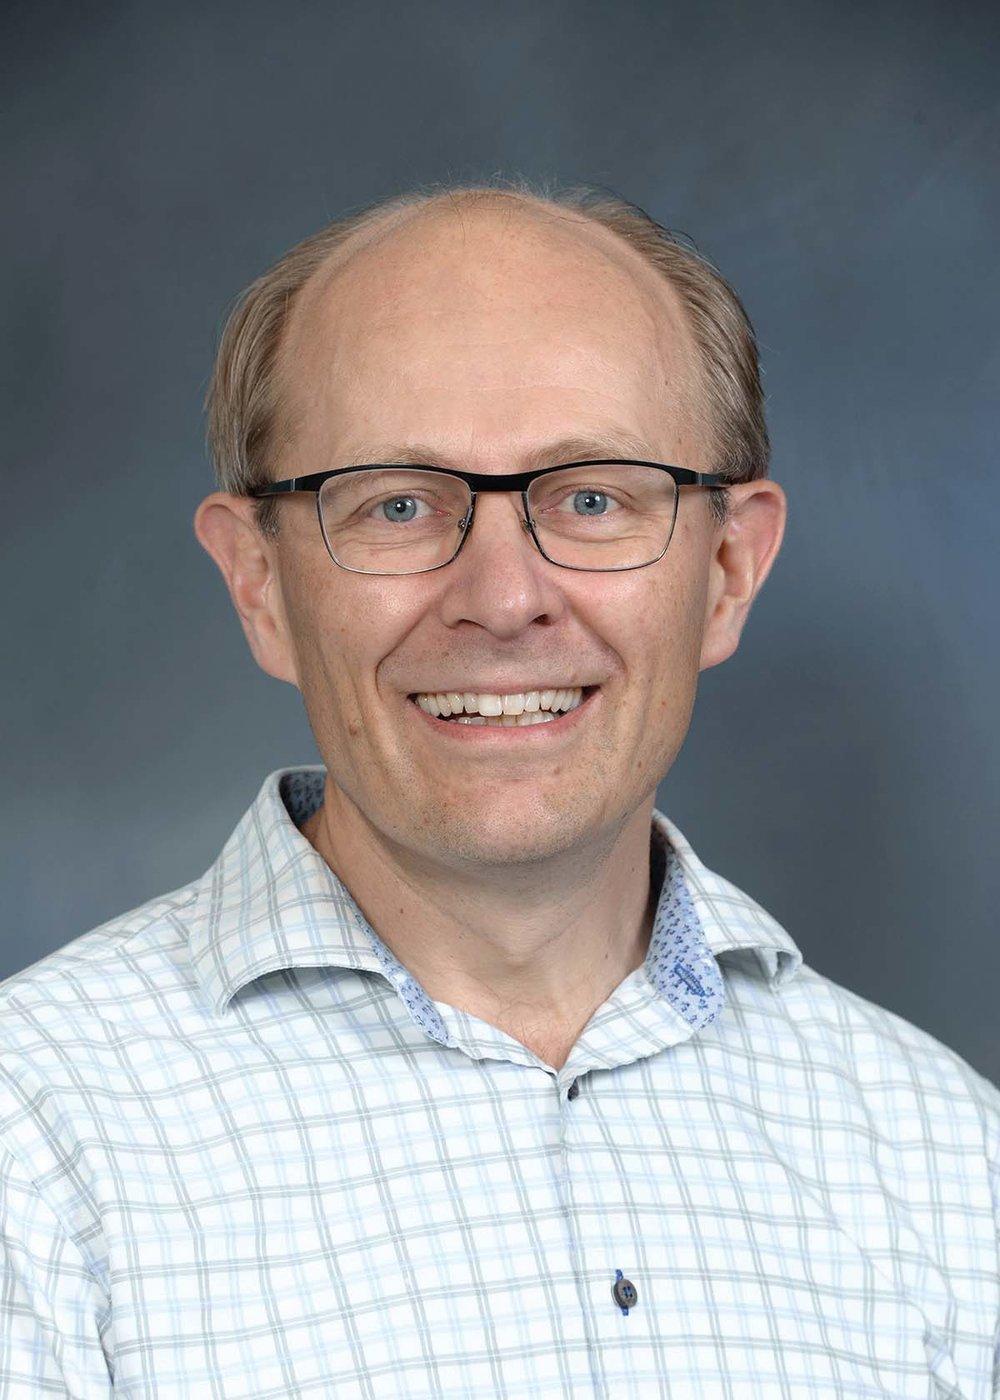 Dr. Otso Massala